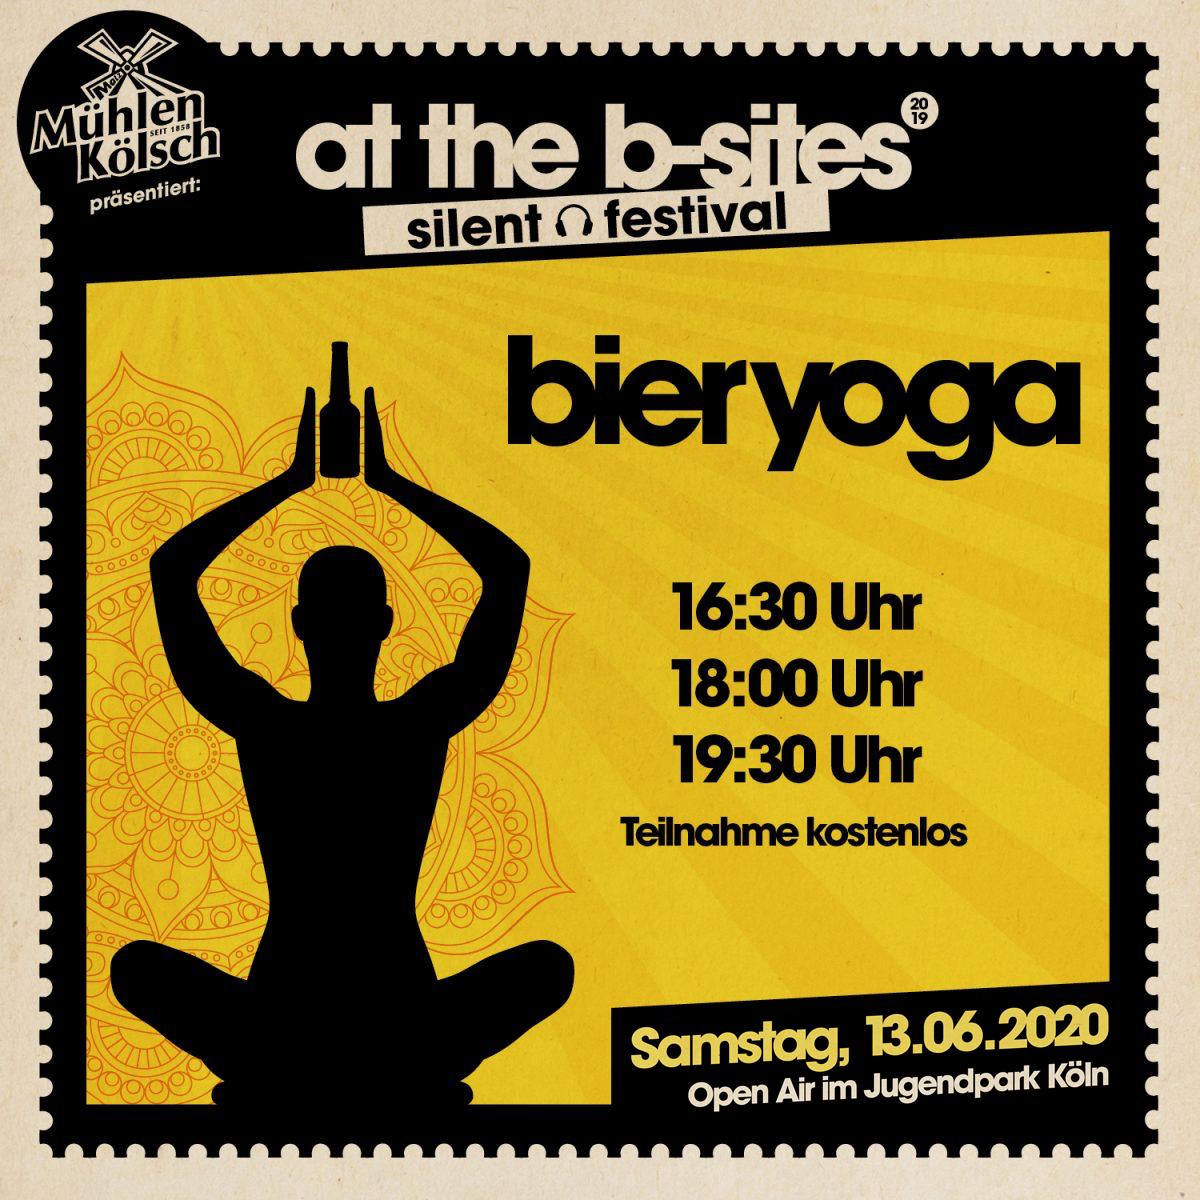 Bier Yoga • At The B-Sites Festival 2020 Jugendpark Köln